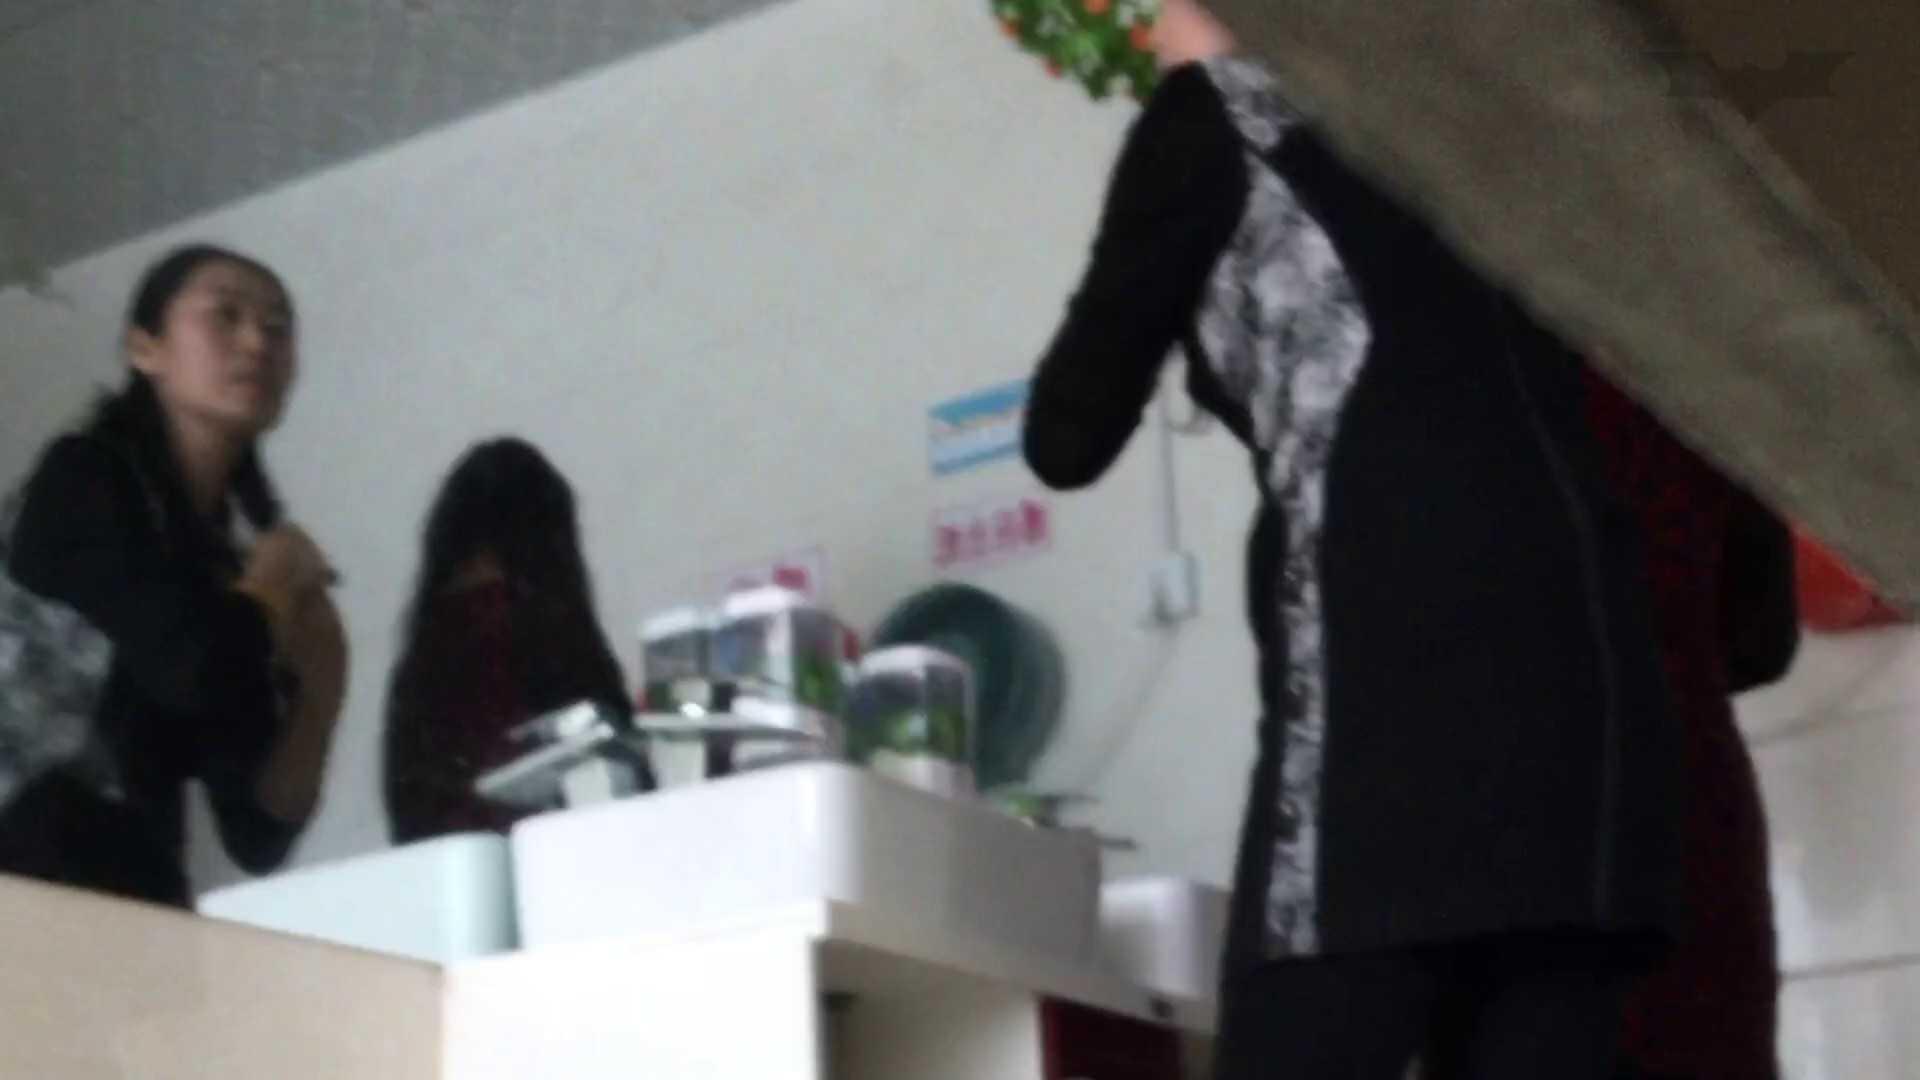 芸術大学ガチ潜入盗撮 JD盗撮 美女の洗面所の秘密 Vol.112 盗撮 覗きおまんこ画像 92PIX 45